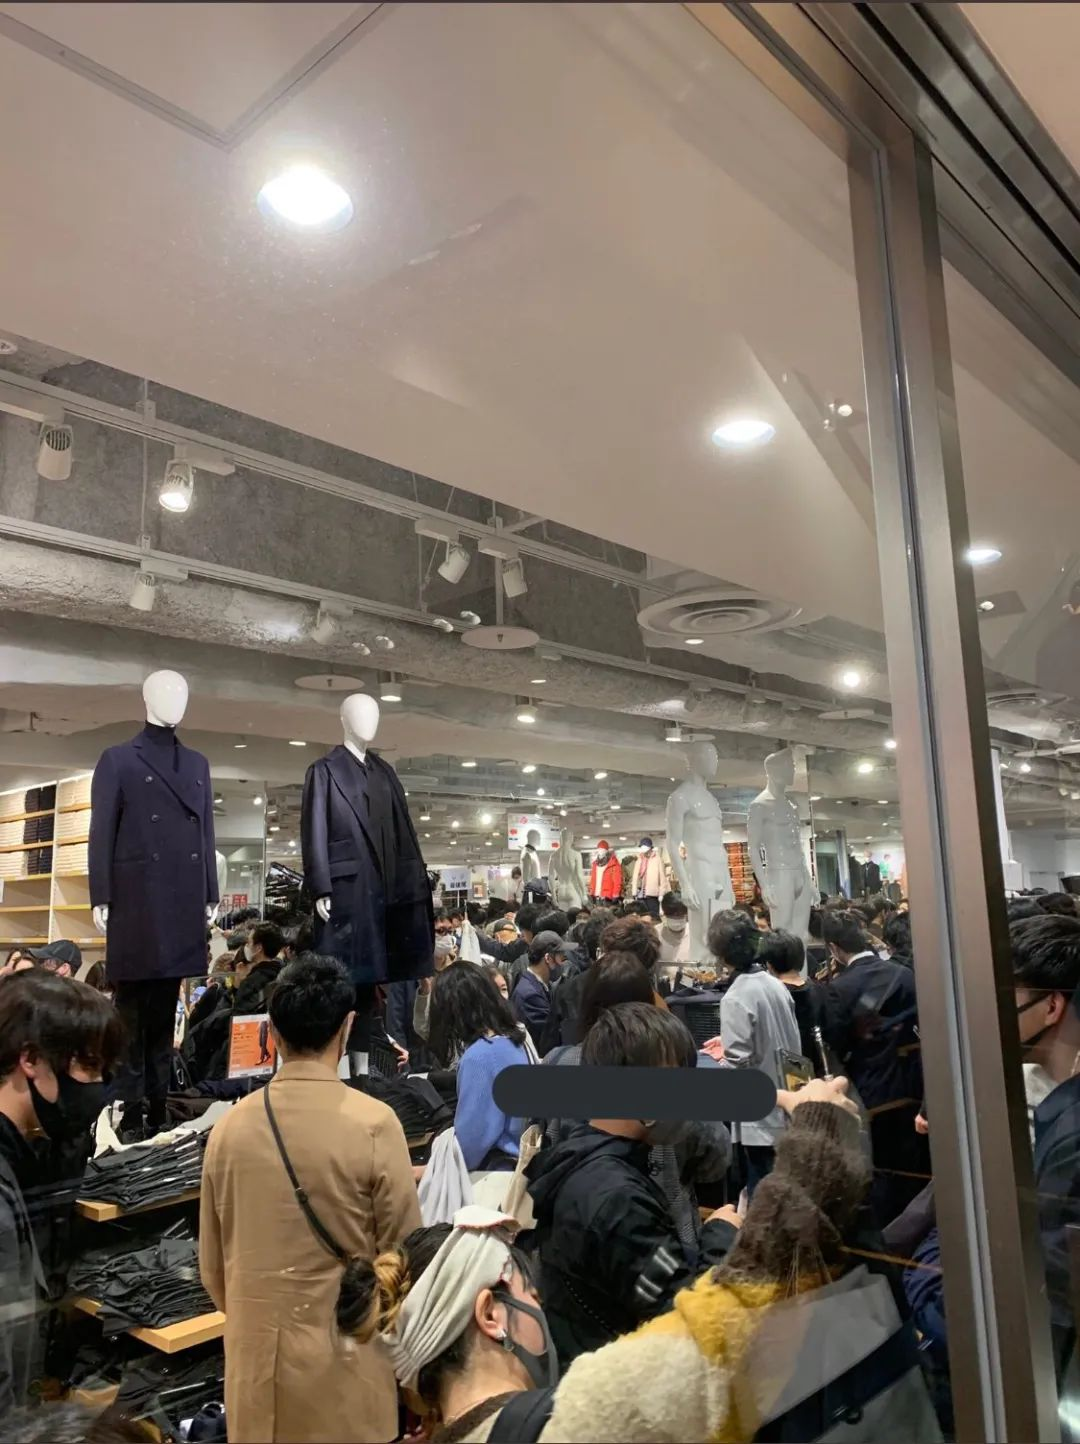 日本优衣库引全民疯狂抢购, 打架! 扒衣服!素质再创新低!